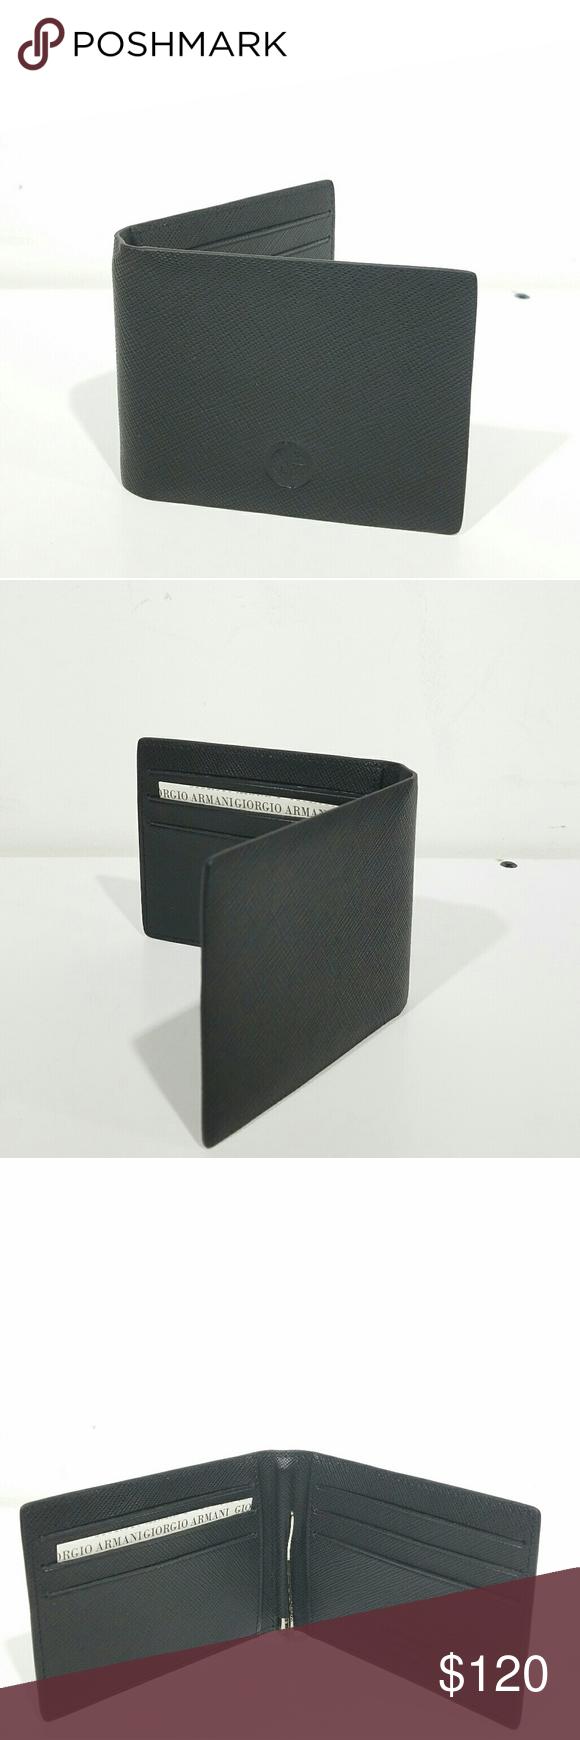 a721e33feb3 Giorgio Armani Black Wallet with Money Clip Brand new made in Italy Giorgio  Armani Bags Wallets